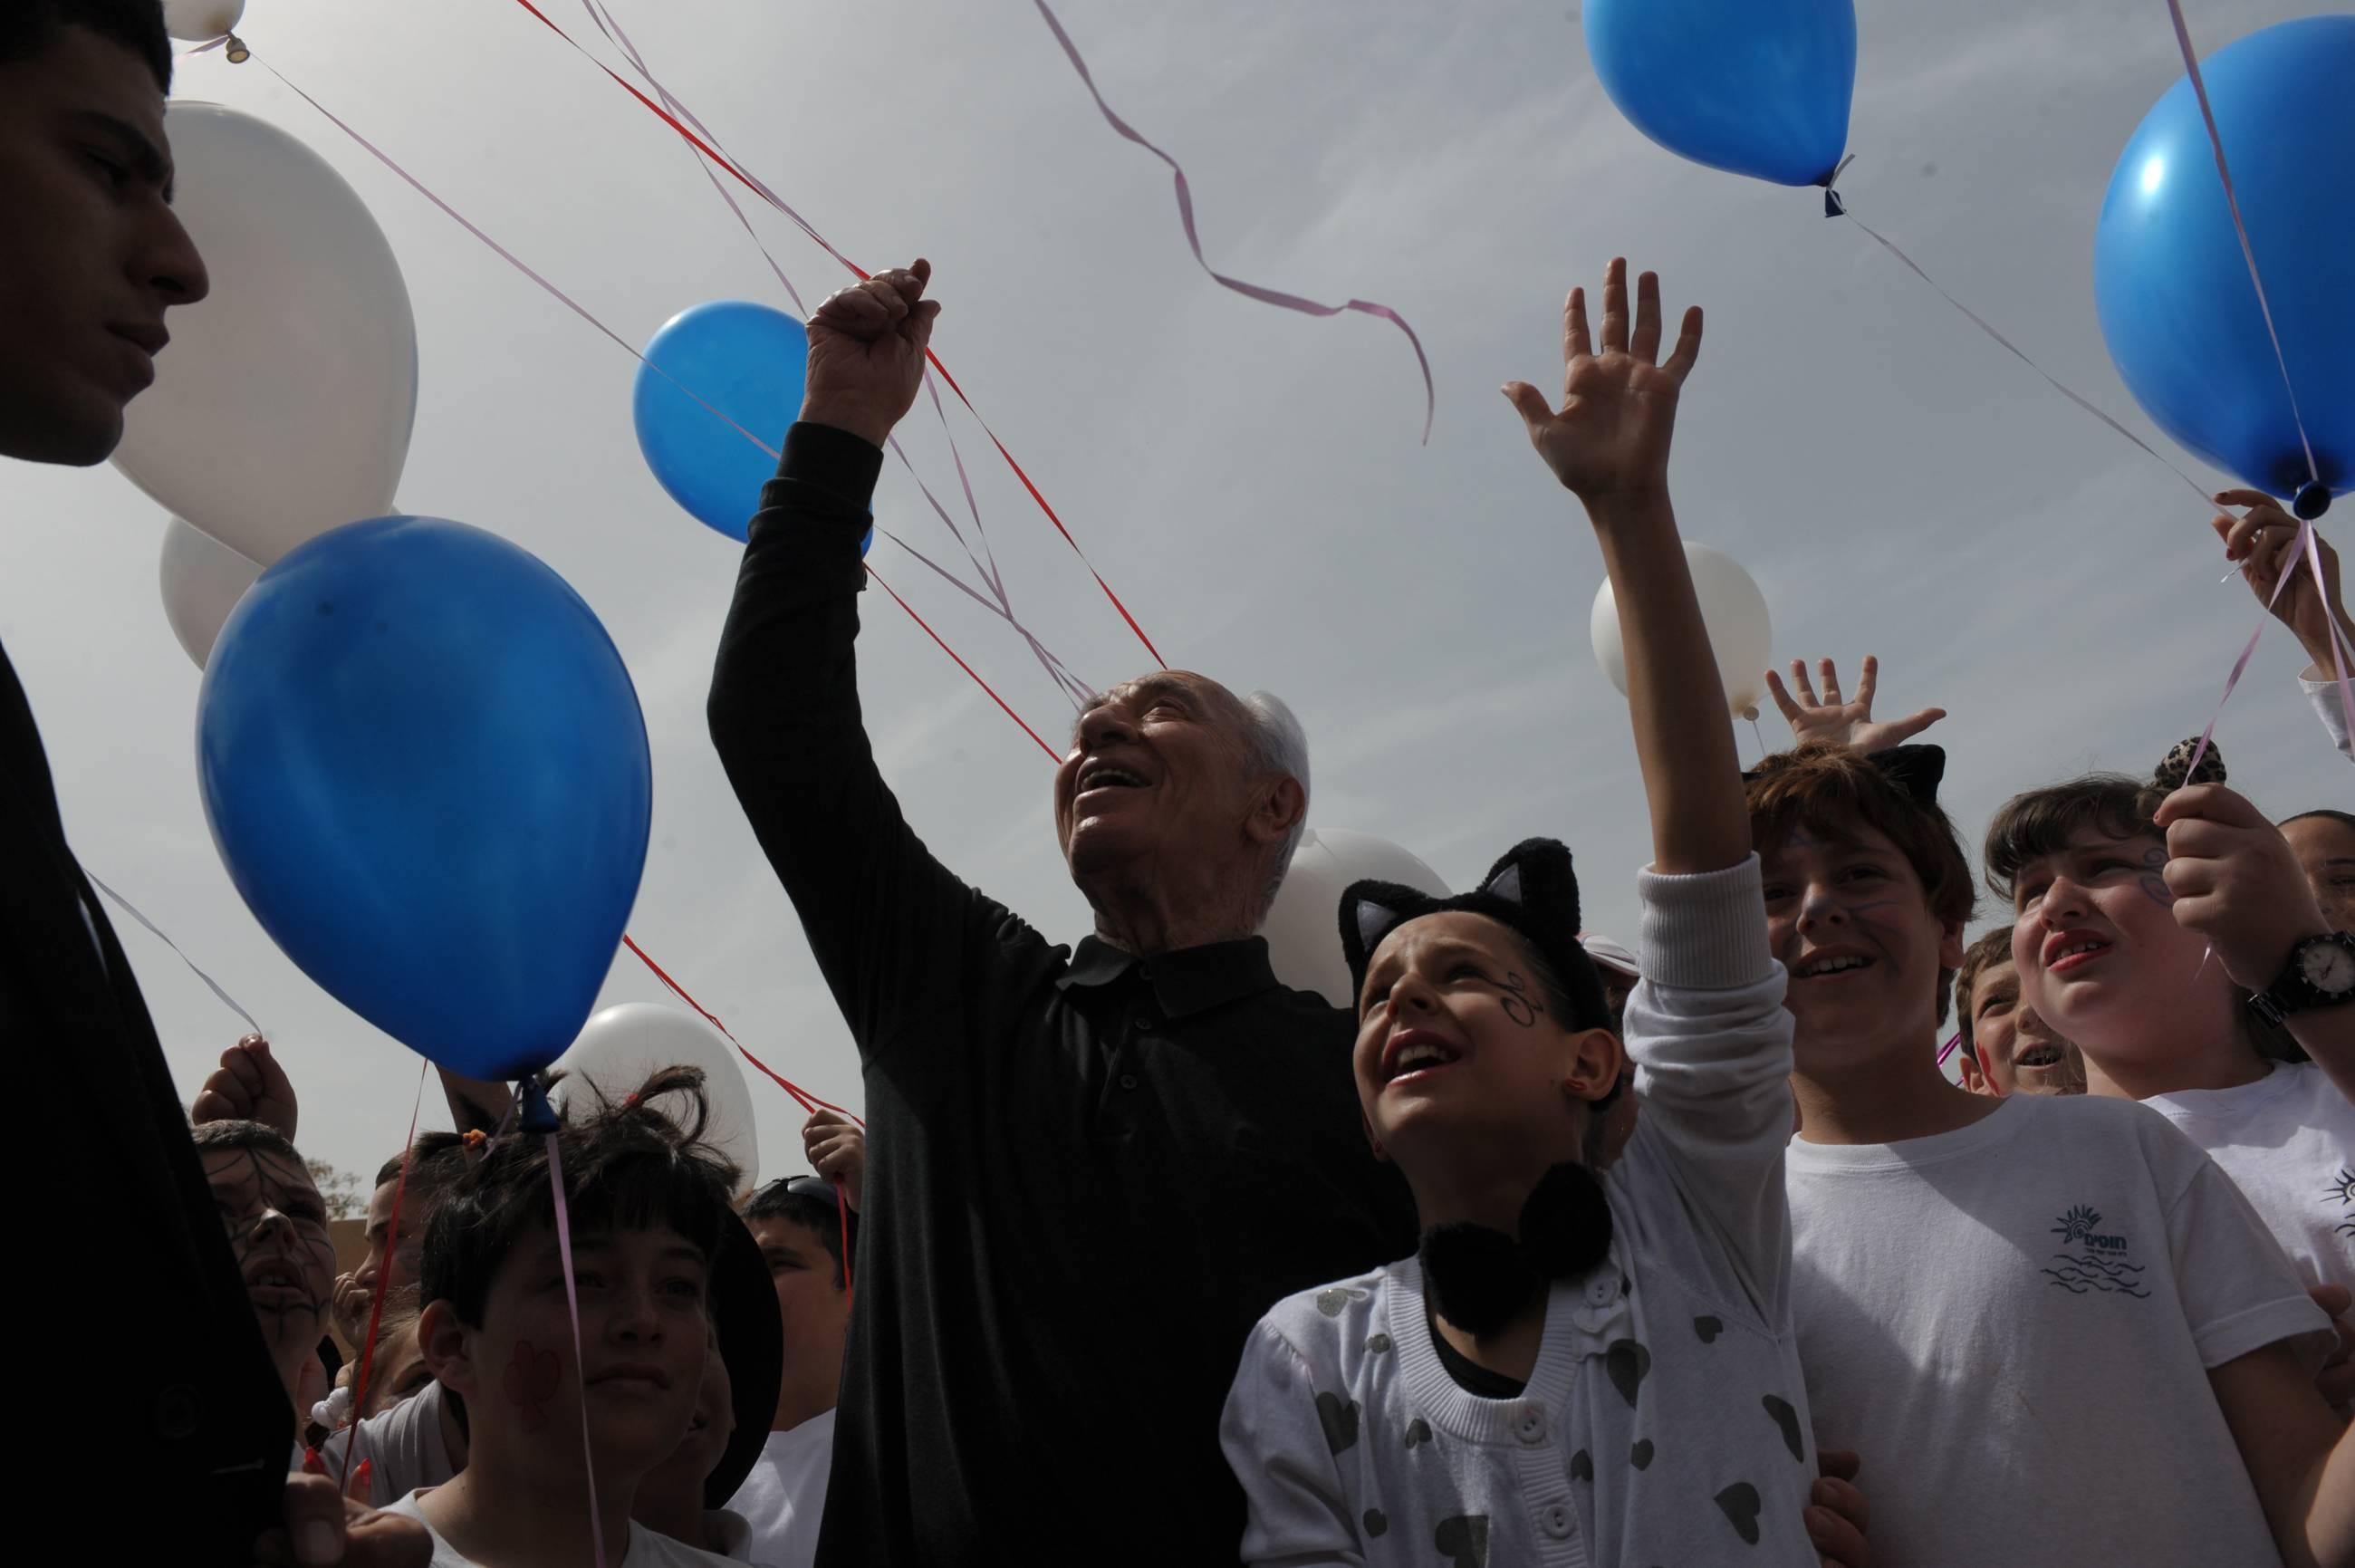 הנשיא פרס הפריח בלונים לעזה, ביחד עם ילדי יד מרדכי